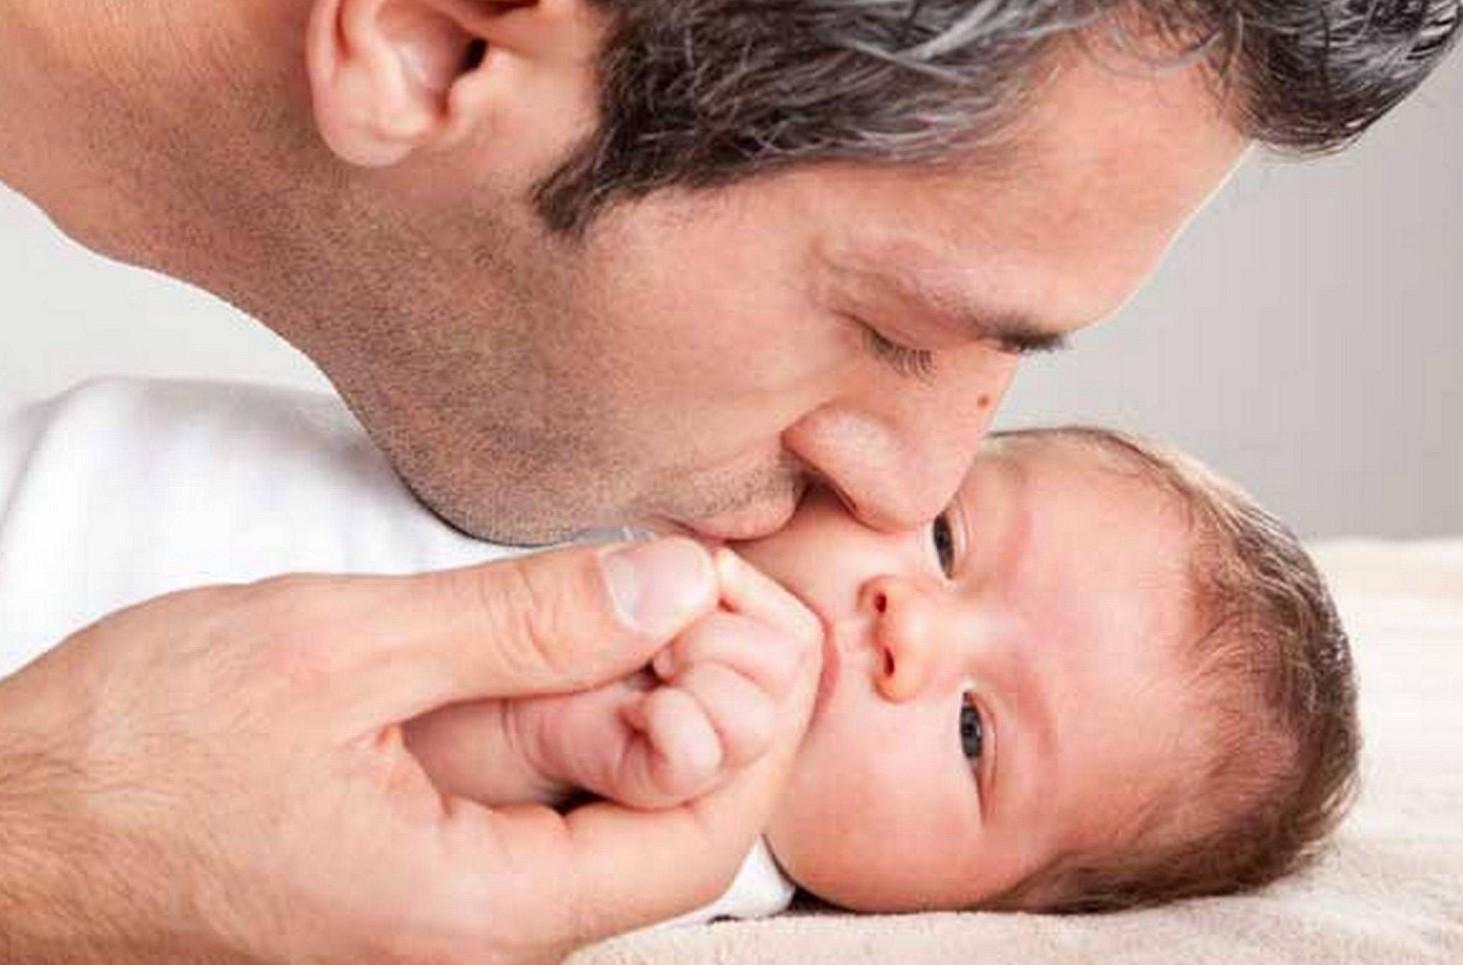 Nessuna multa per papà divorziati che non vedono figli, sentenza Cassazione 2020